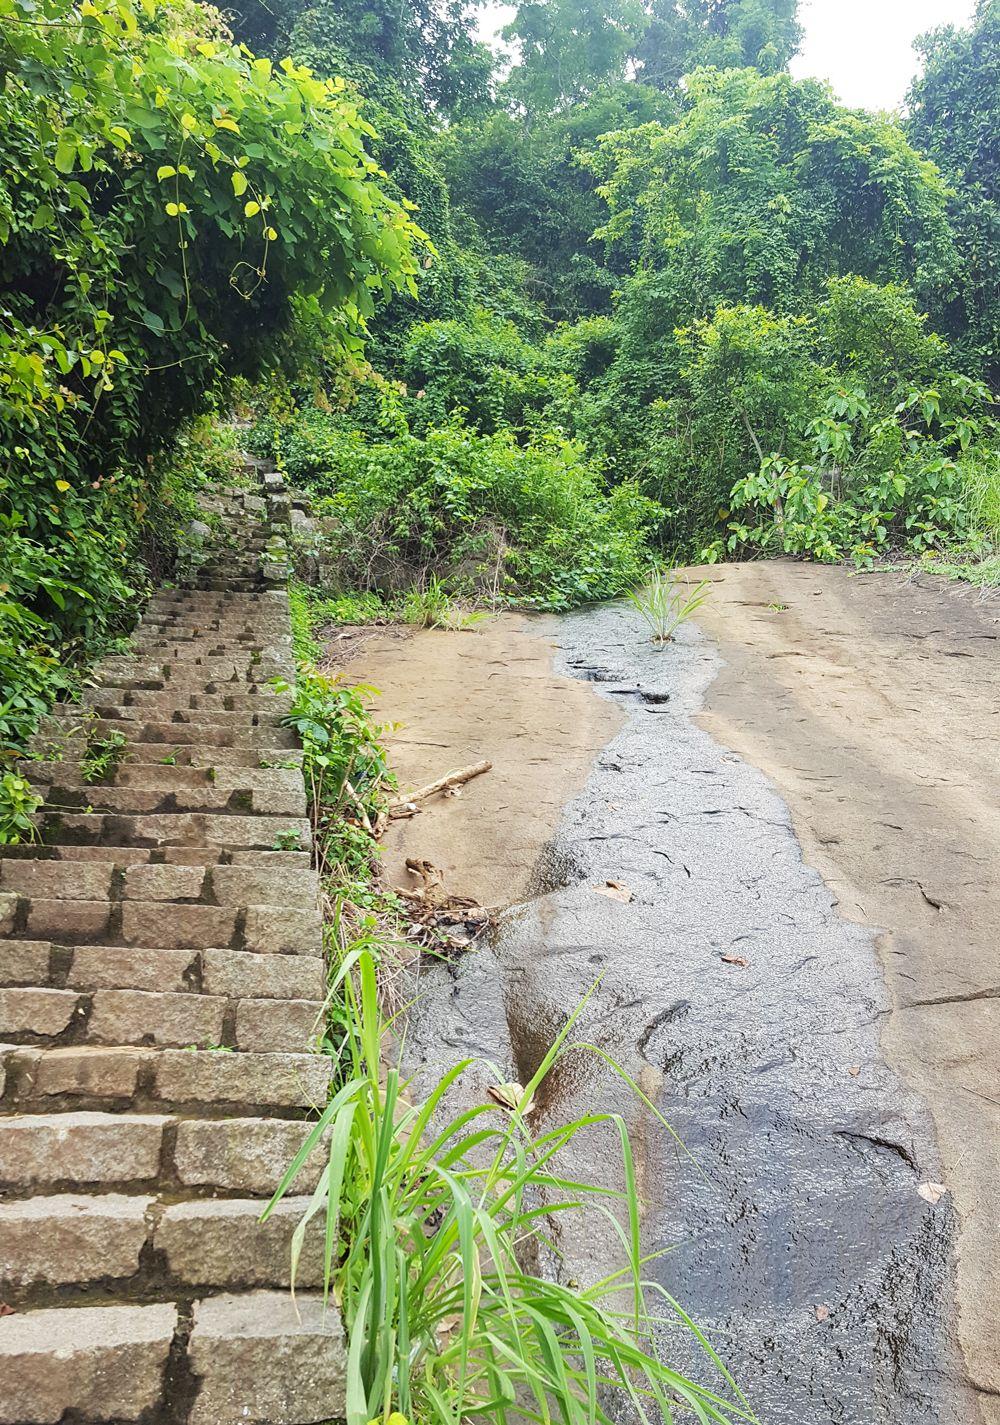 Tảng đá lớn có nước suối chảy ra ở khoảng cột 55